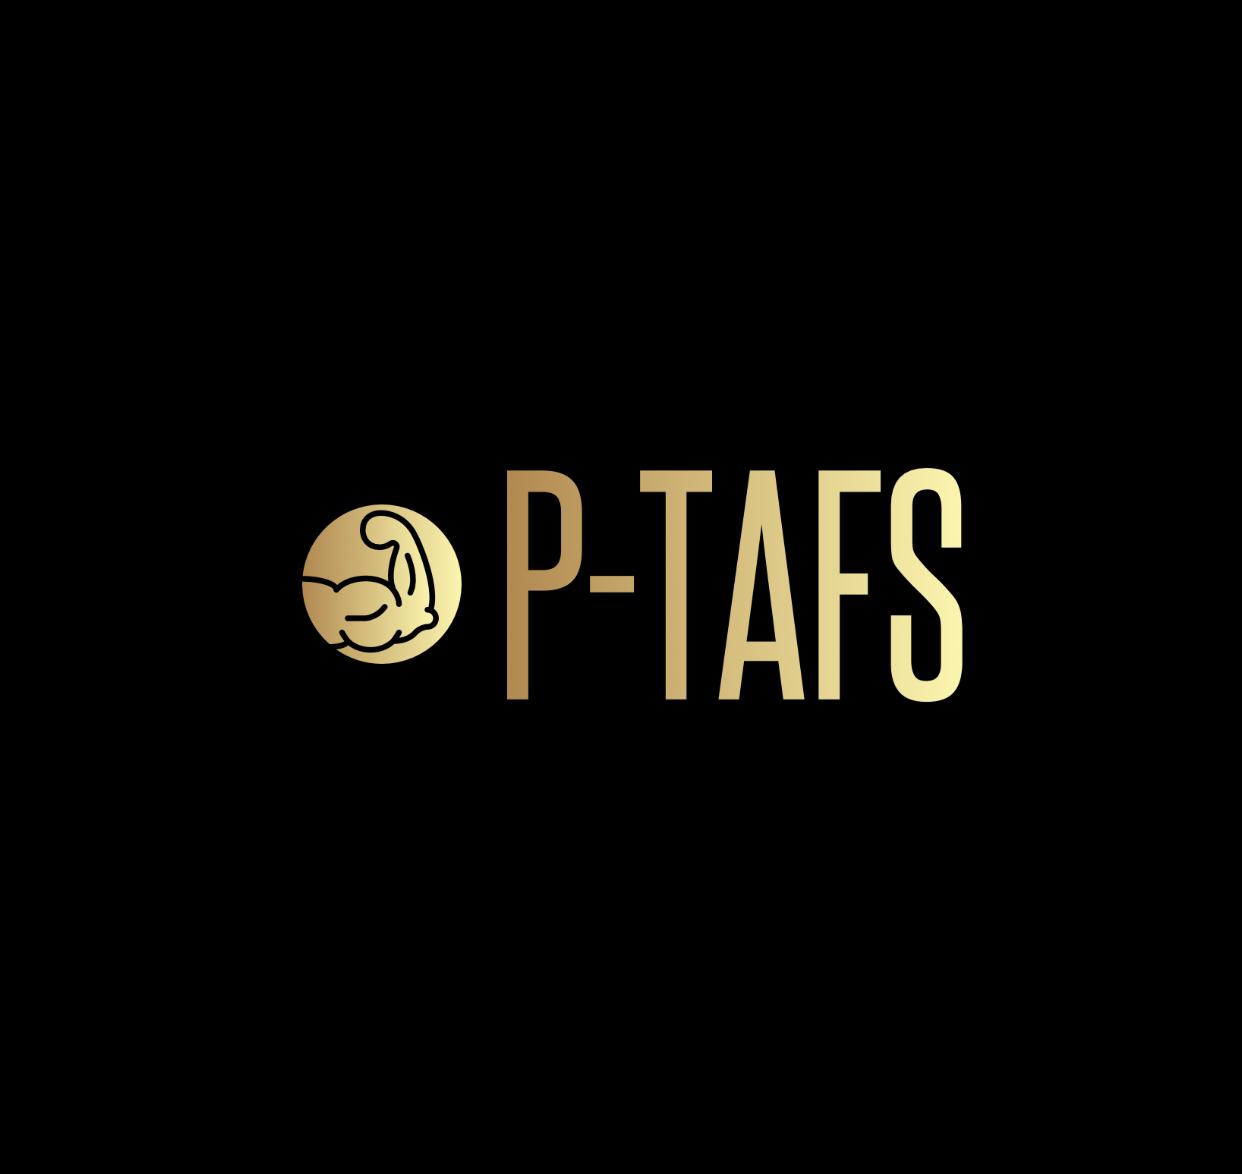 P-TAFS